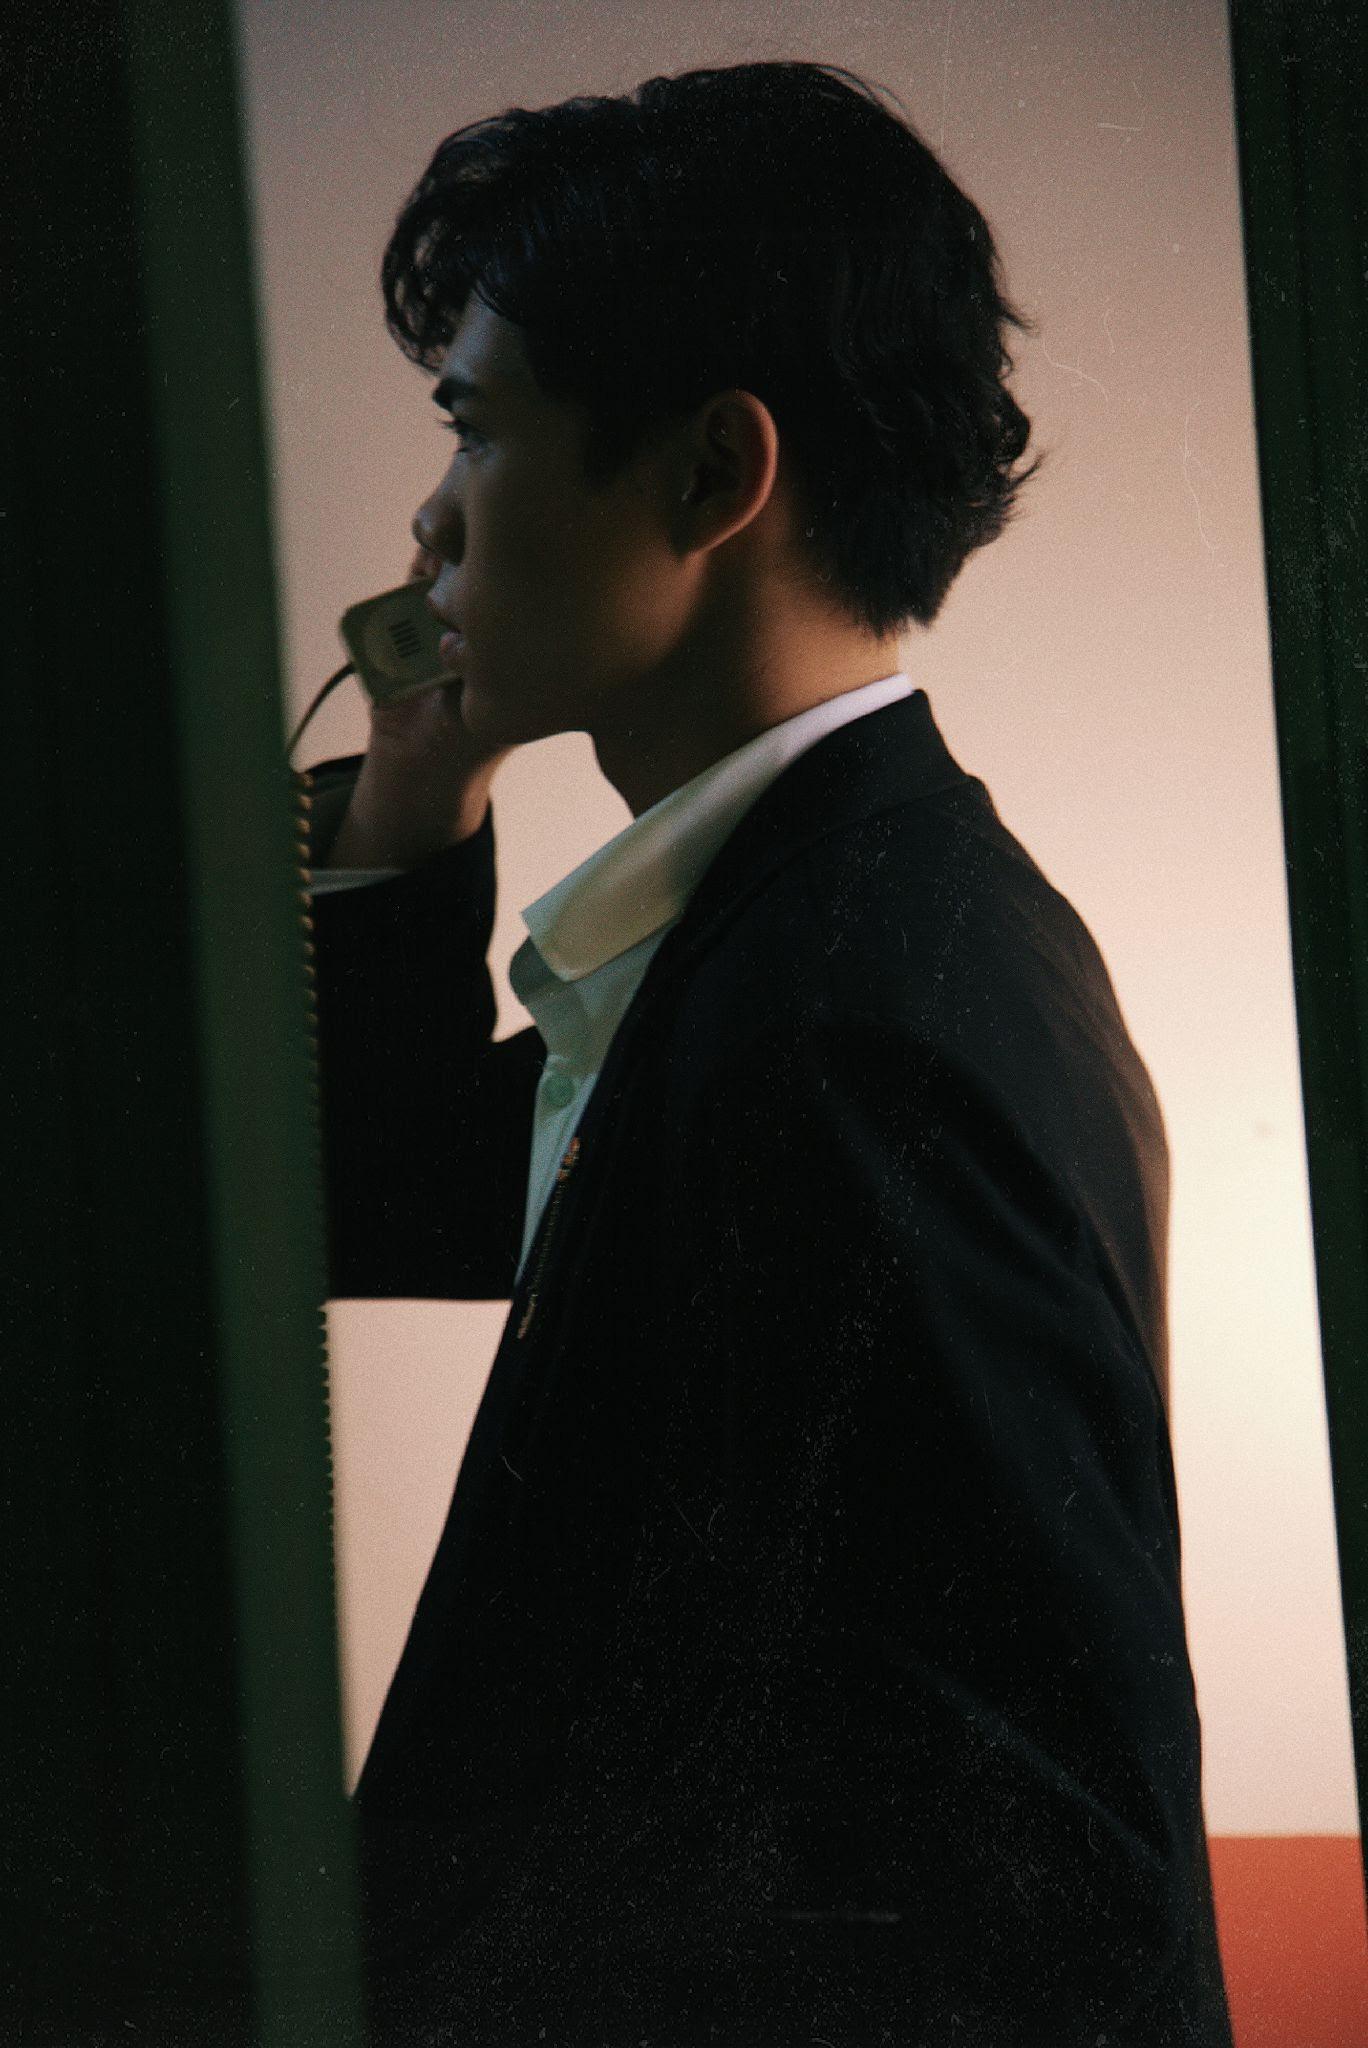 """DuongG hát về cuộc chia tay của người trẻ trong single mới nhất """"Love08"""" - Ảnh 5."""